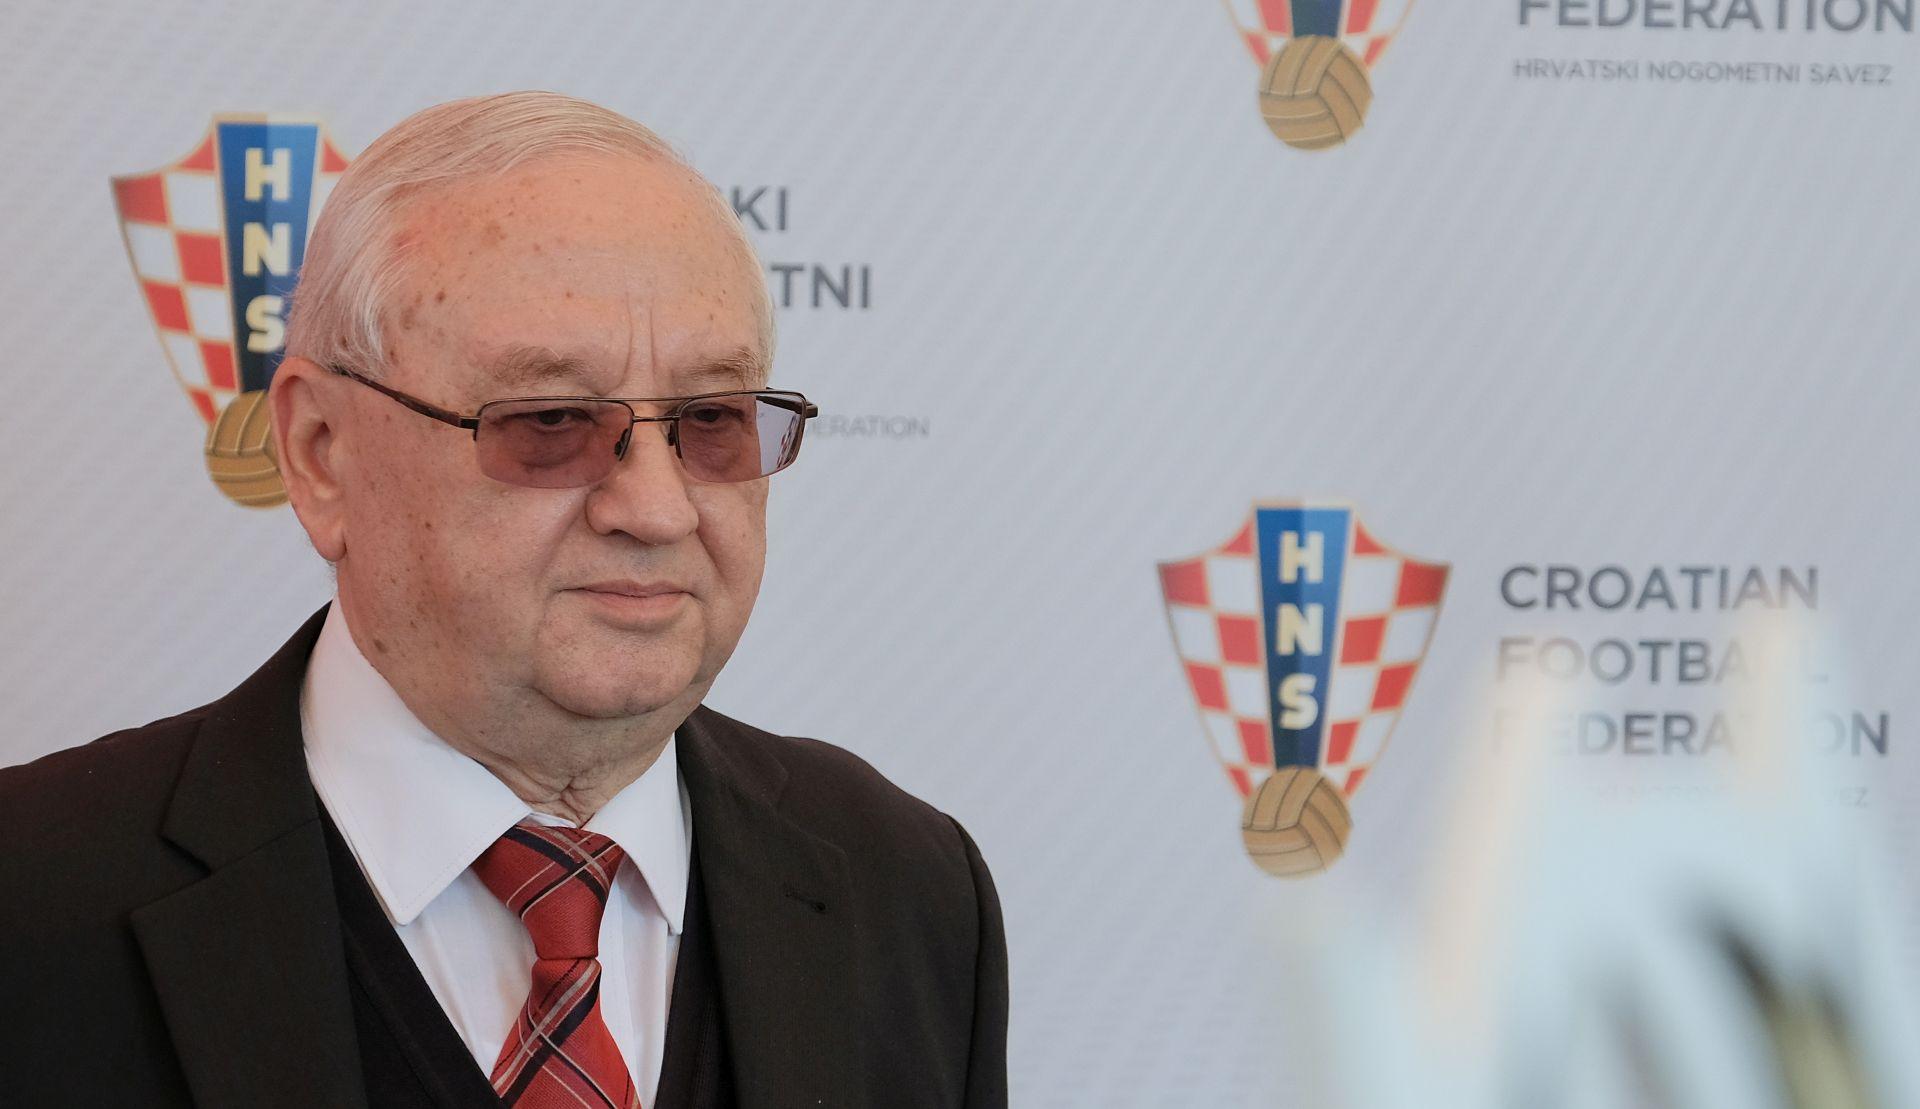 """RUSKI VELEPOSLANIK: """"Objektivno, hrvatska reprezentacija je jača"""""""